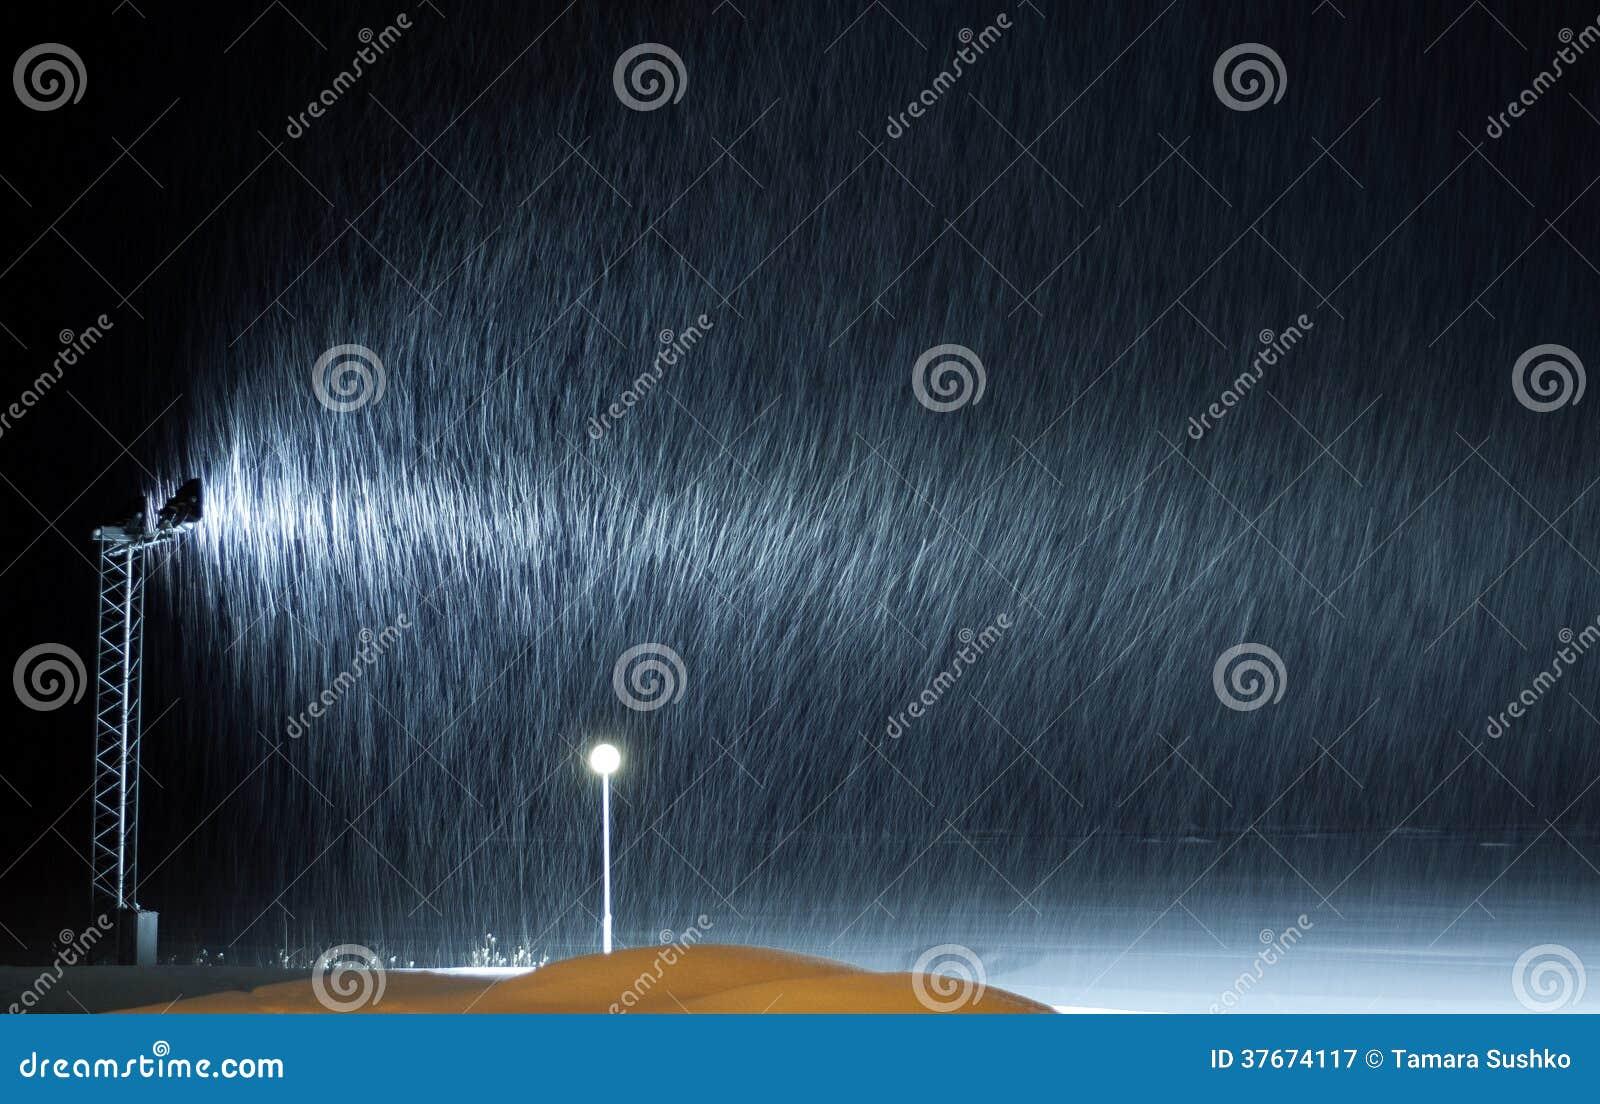 Влияние снега